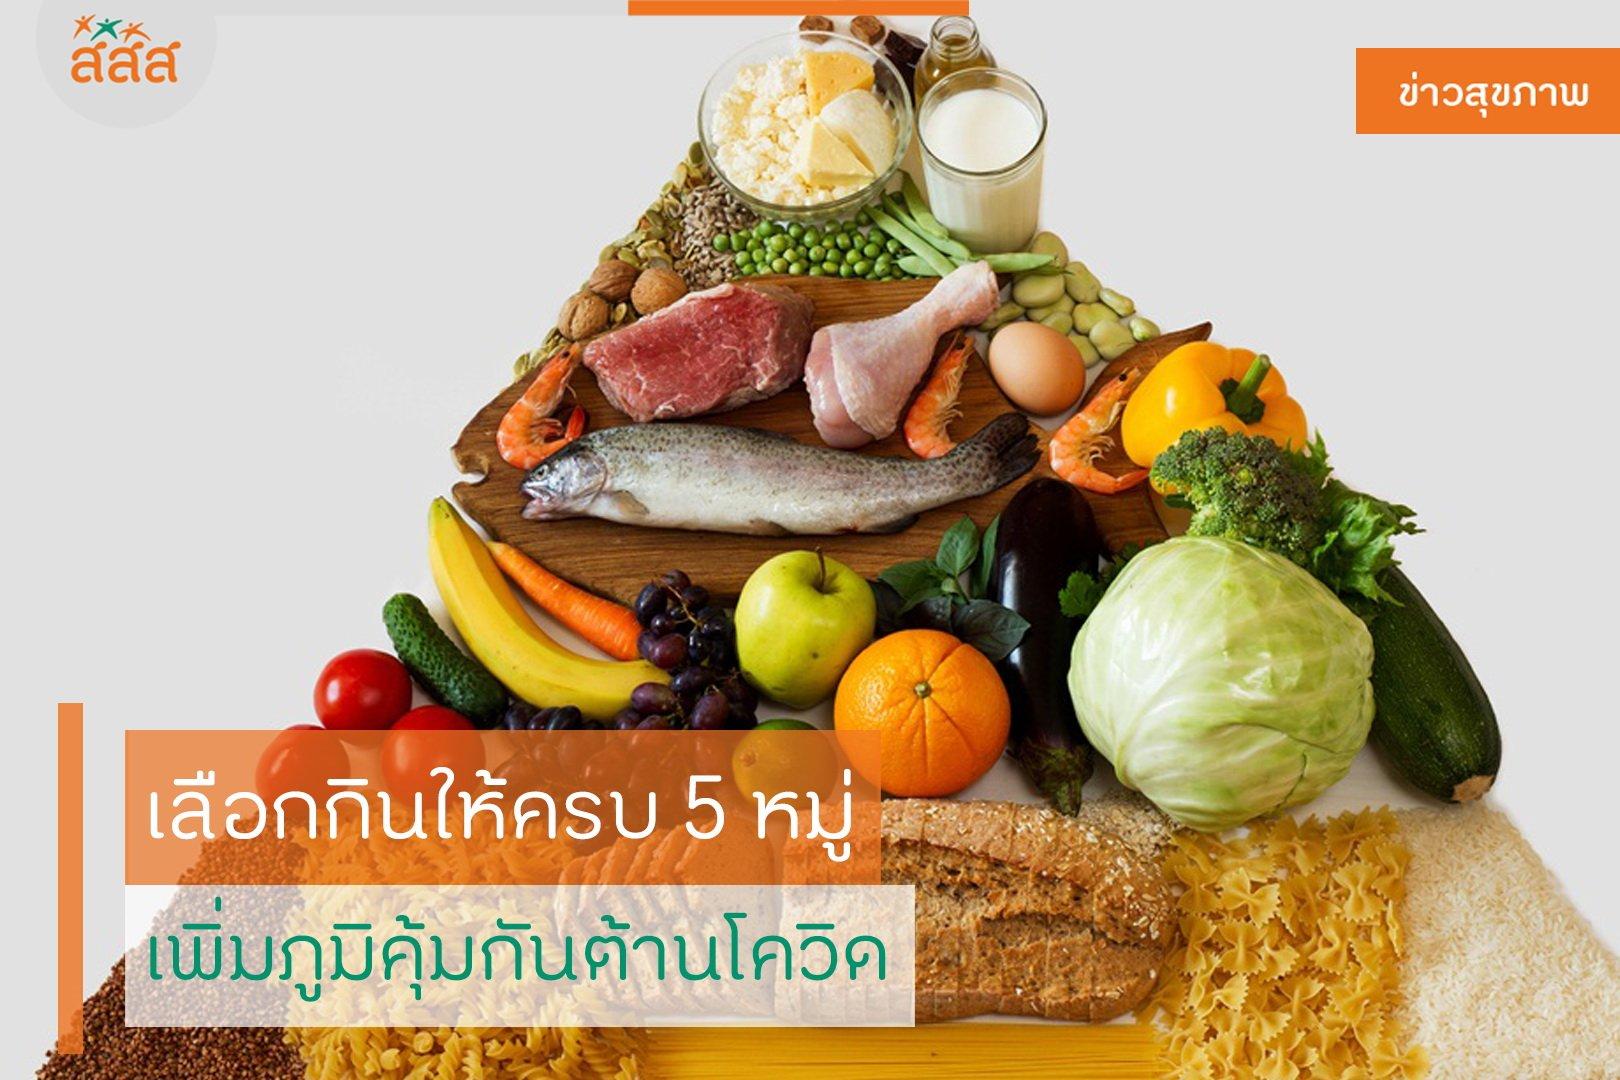 เลือกกินให้ครบ 5 หมู่ เพิ่มภูมิคุ้มกันต้านโควิด thaihealth